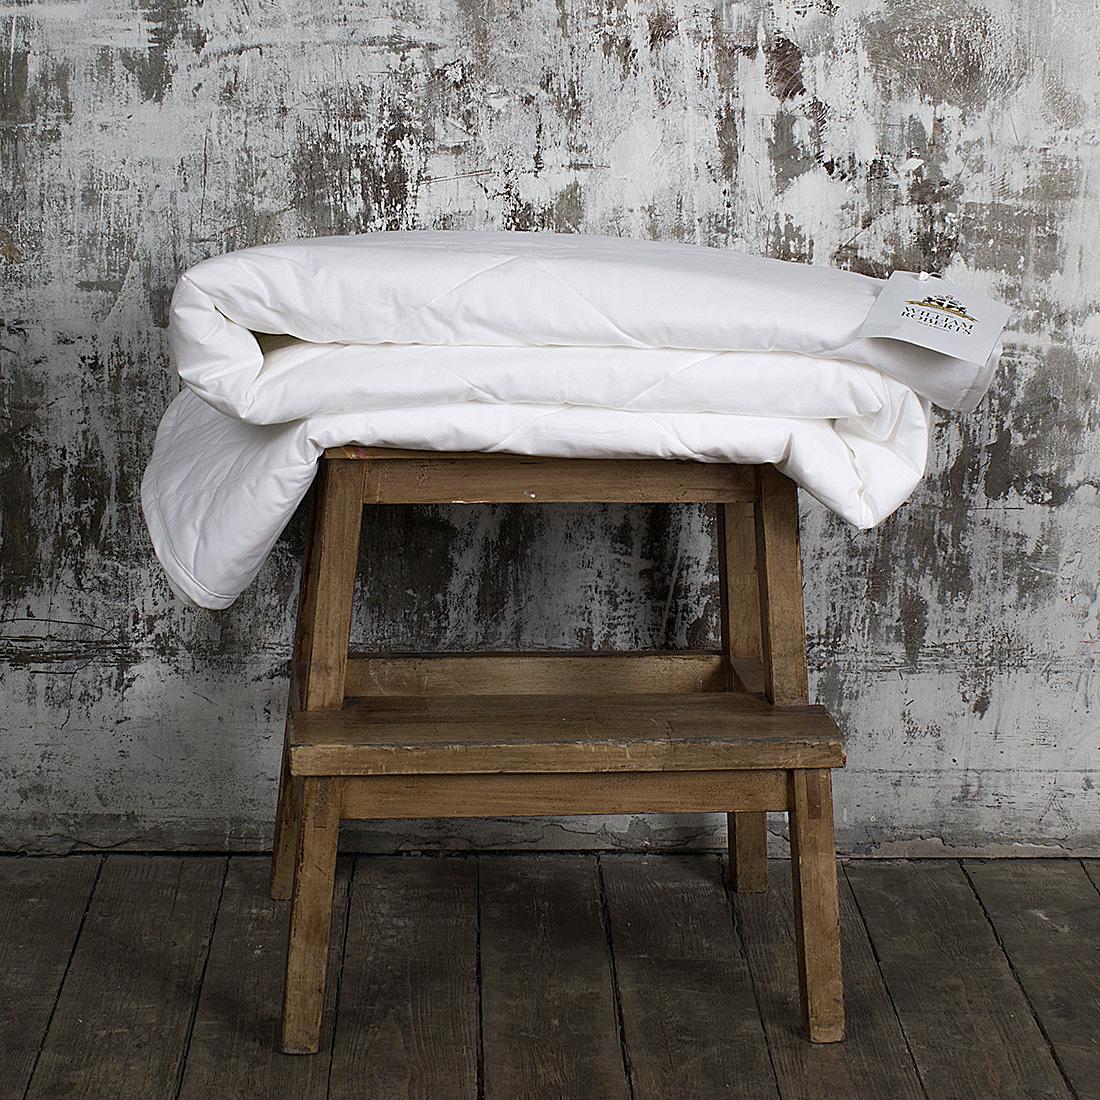 Одеяло легкое William Roberts Essential Bamboo, наполнитель: бамбуковое волокно, 155 х 200 смwlr233237Легкое одеяло William Roberts Essential Bamboo с наполнителем из бамбукового волокнаподарит вам спокойный и здоровый сон. Волокно бамбука - это натуральный материал, добываемый изстеблей растения. Он обладает способностьюбыстро впитывать и испарять влагу, а такжеантибактериальными свойствами, что препятствуетпоявлениюпылевых клещей и болезнетворных бактерий.Изделия с наполнителем из бамбука легко пропускаютвоздух. Они отличаются превосходнымидезодорирующими свойствами, мягкие, легкие, простые вуходе, гипоаллергенные и подходят абсолютно всем.Чехол одеяла выполнен из хлопкового сатина. Одеяло простеганои окантовано. Стежка надежно удерживает наполнительвнутри и не позволяет ему скатываться. Плотность наполнителя: 150 г/м2. Размер: 155 х 200 см.